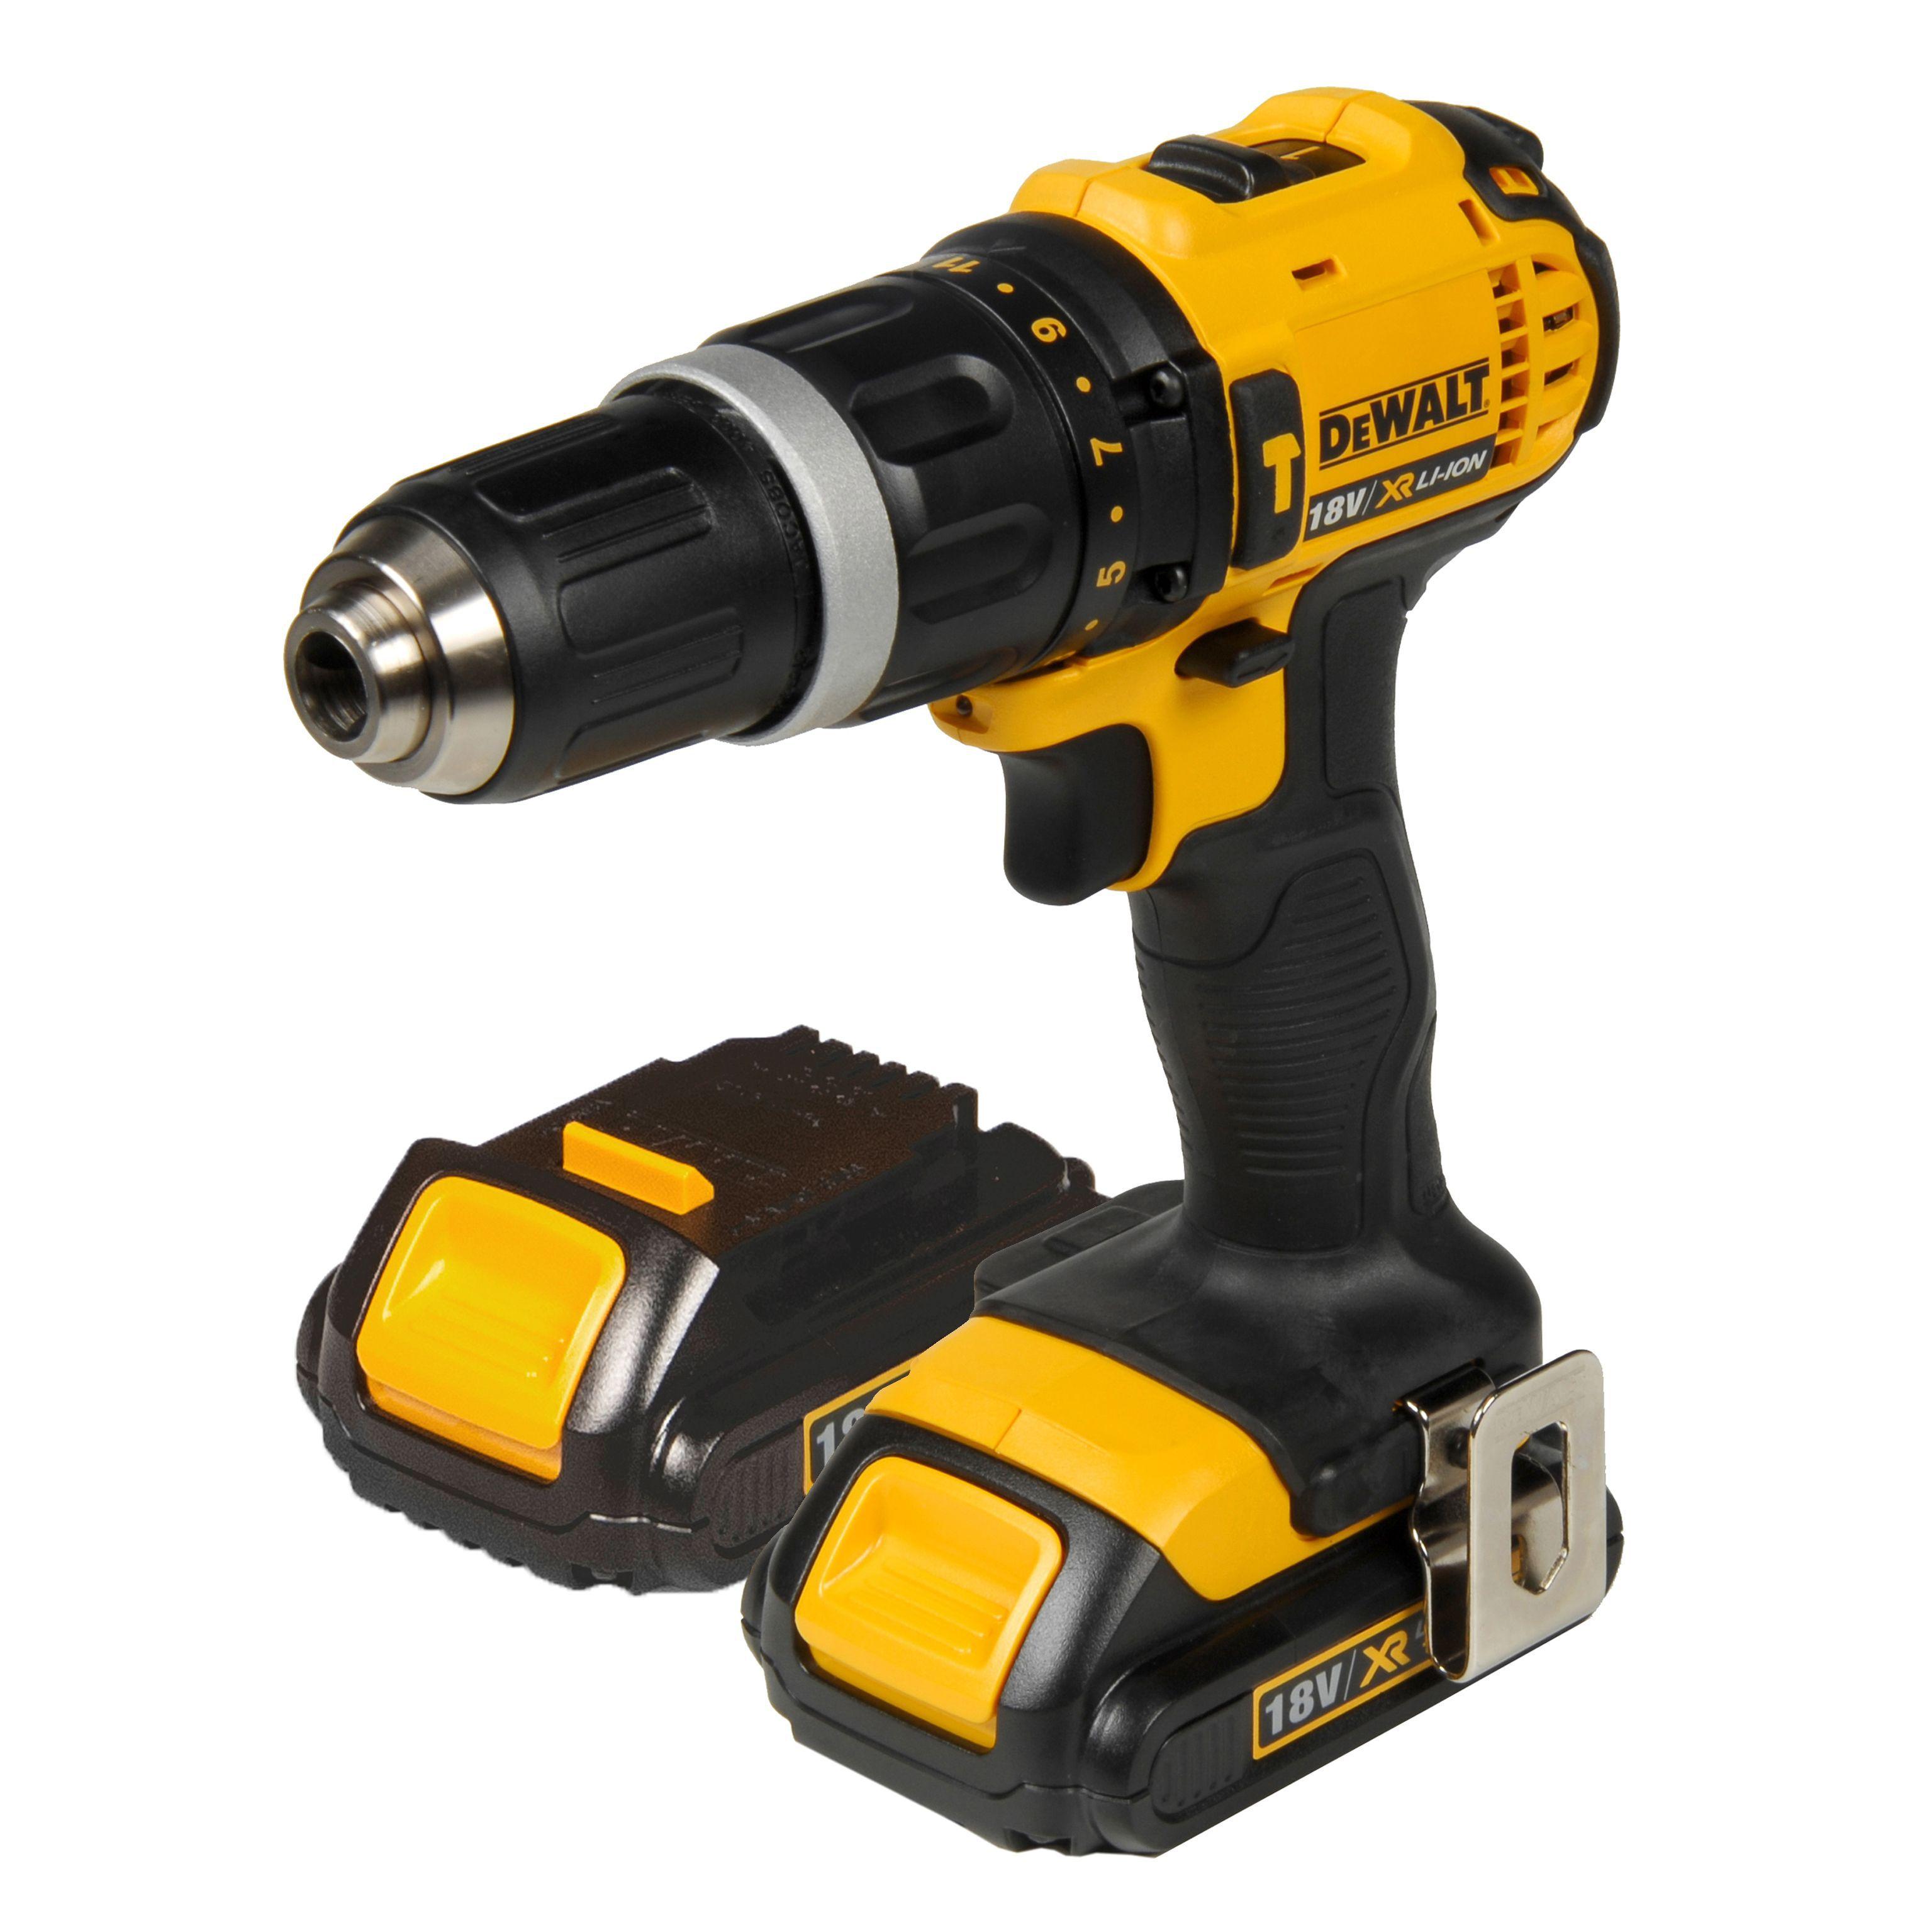 Dewalt Cordless 18v 1.5ah Li-ion Combi Drill 2 Batteries Dcd785c2sf-gb